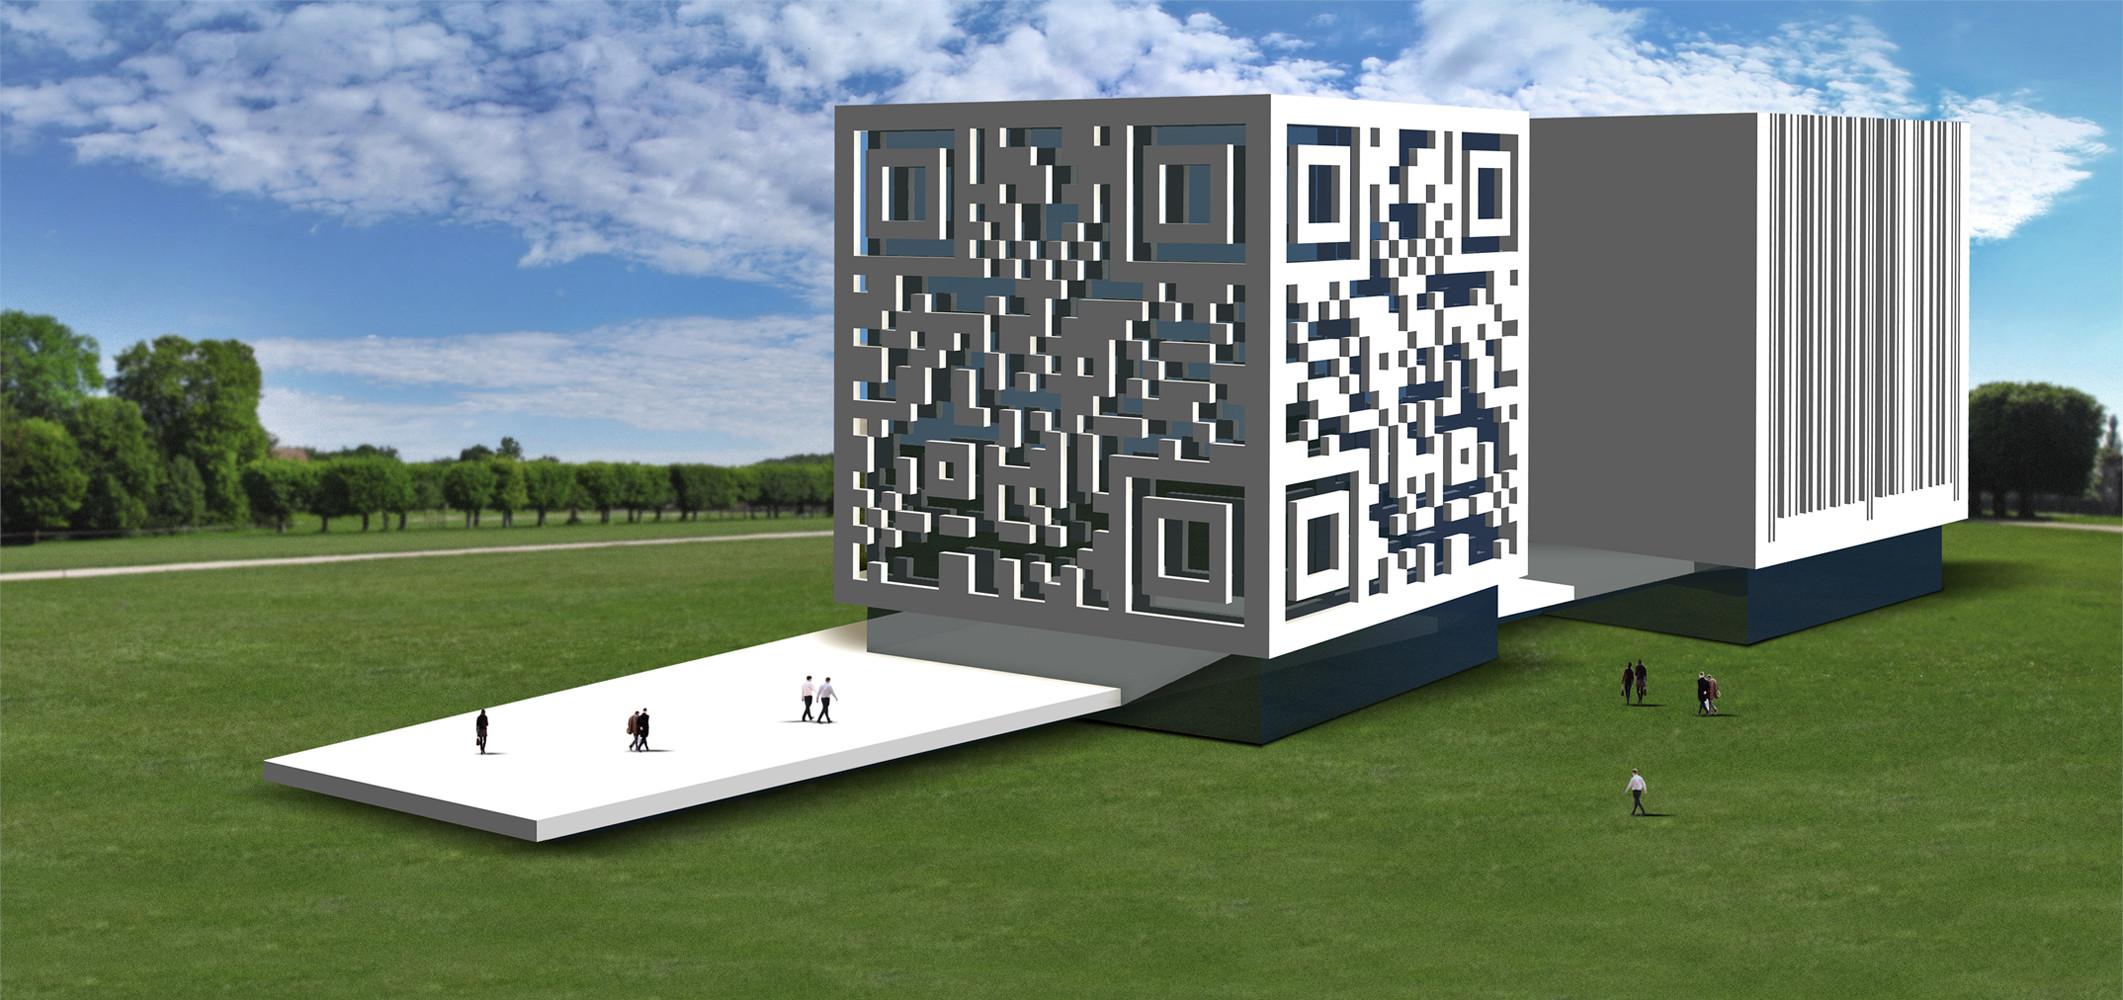 Bidi Building